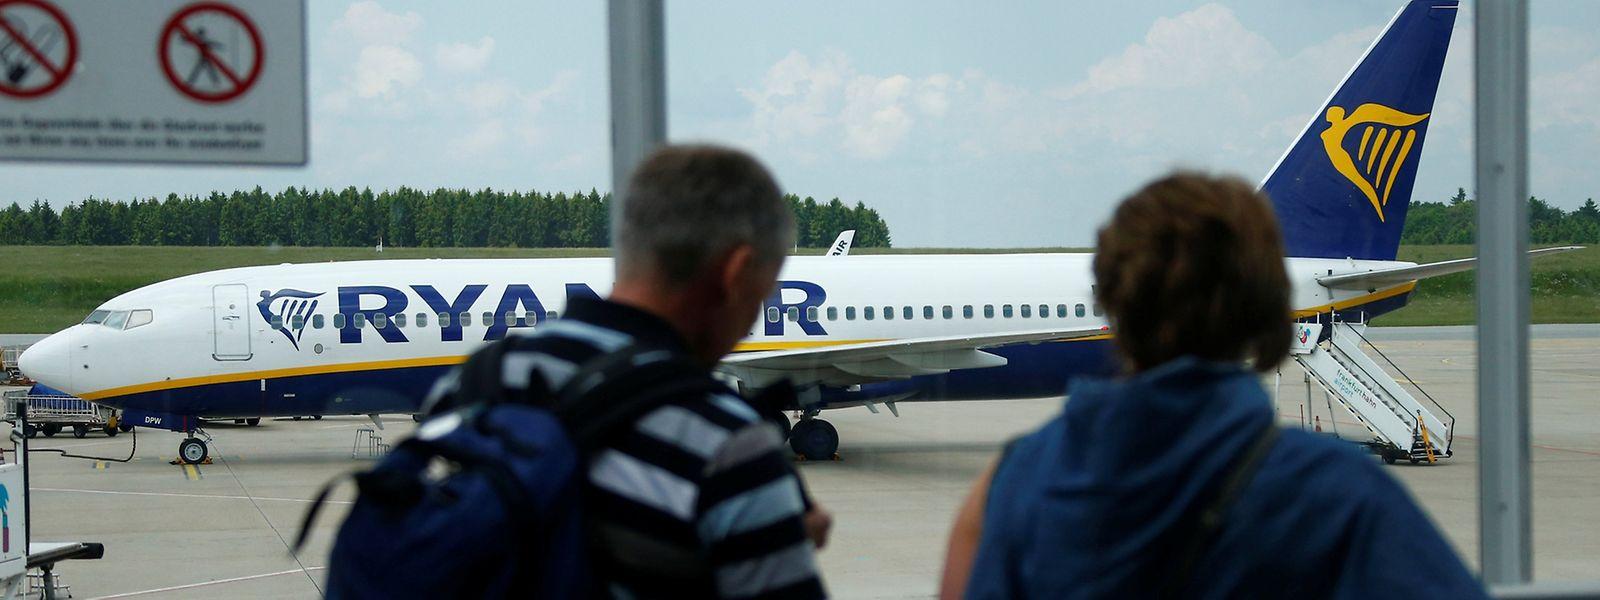 Der Platzhirsch im Hunsrück, Ryanair, will von Ende Oktober an erstmals auch den nur 100 Kilometer entfernten Flughafen Findel in sein Programm aufnehmen.